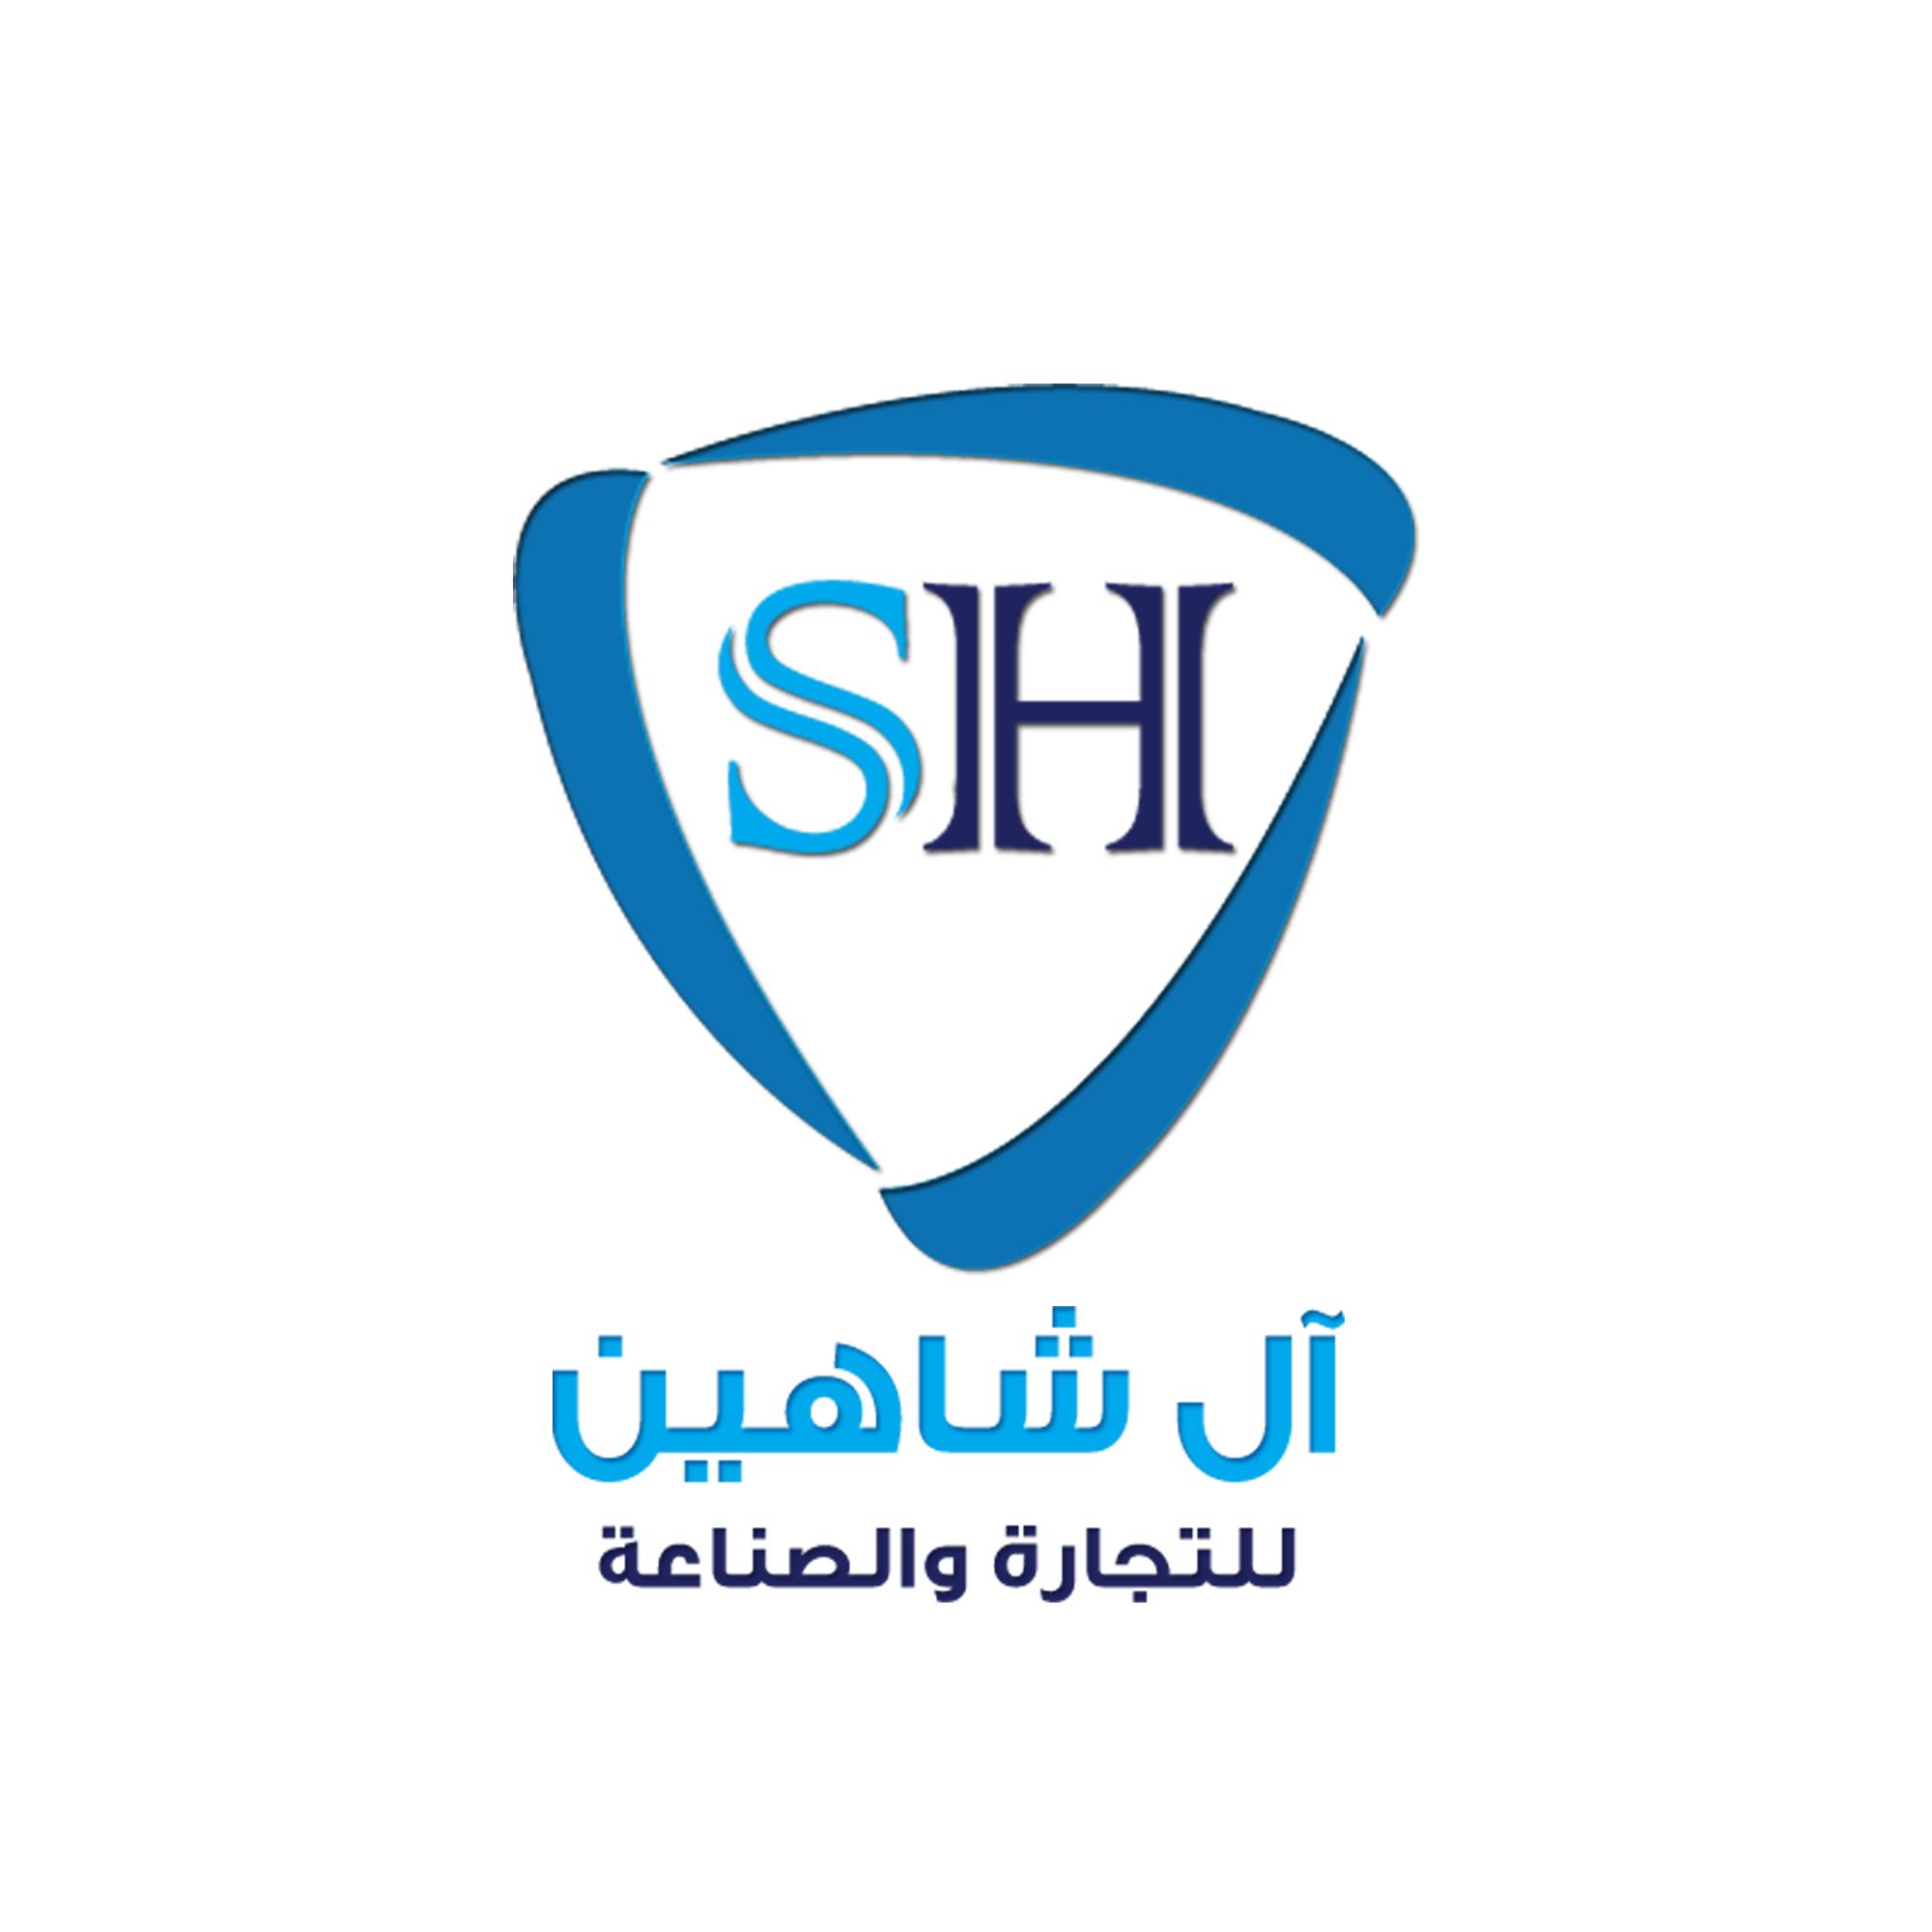 شركة الشاهين للعبوات المعدنية فى مصر